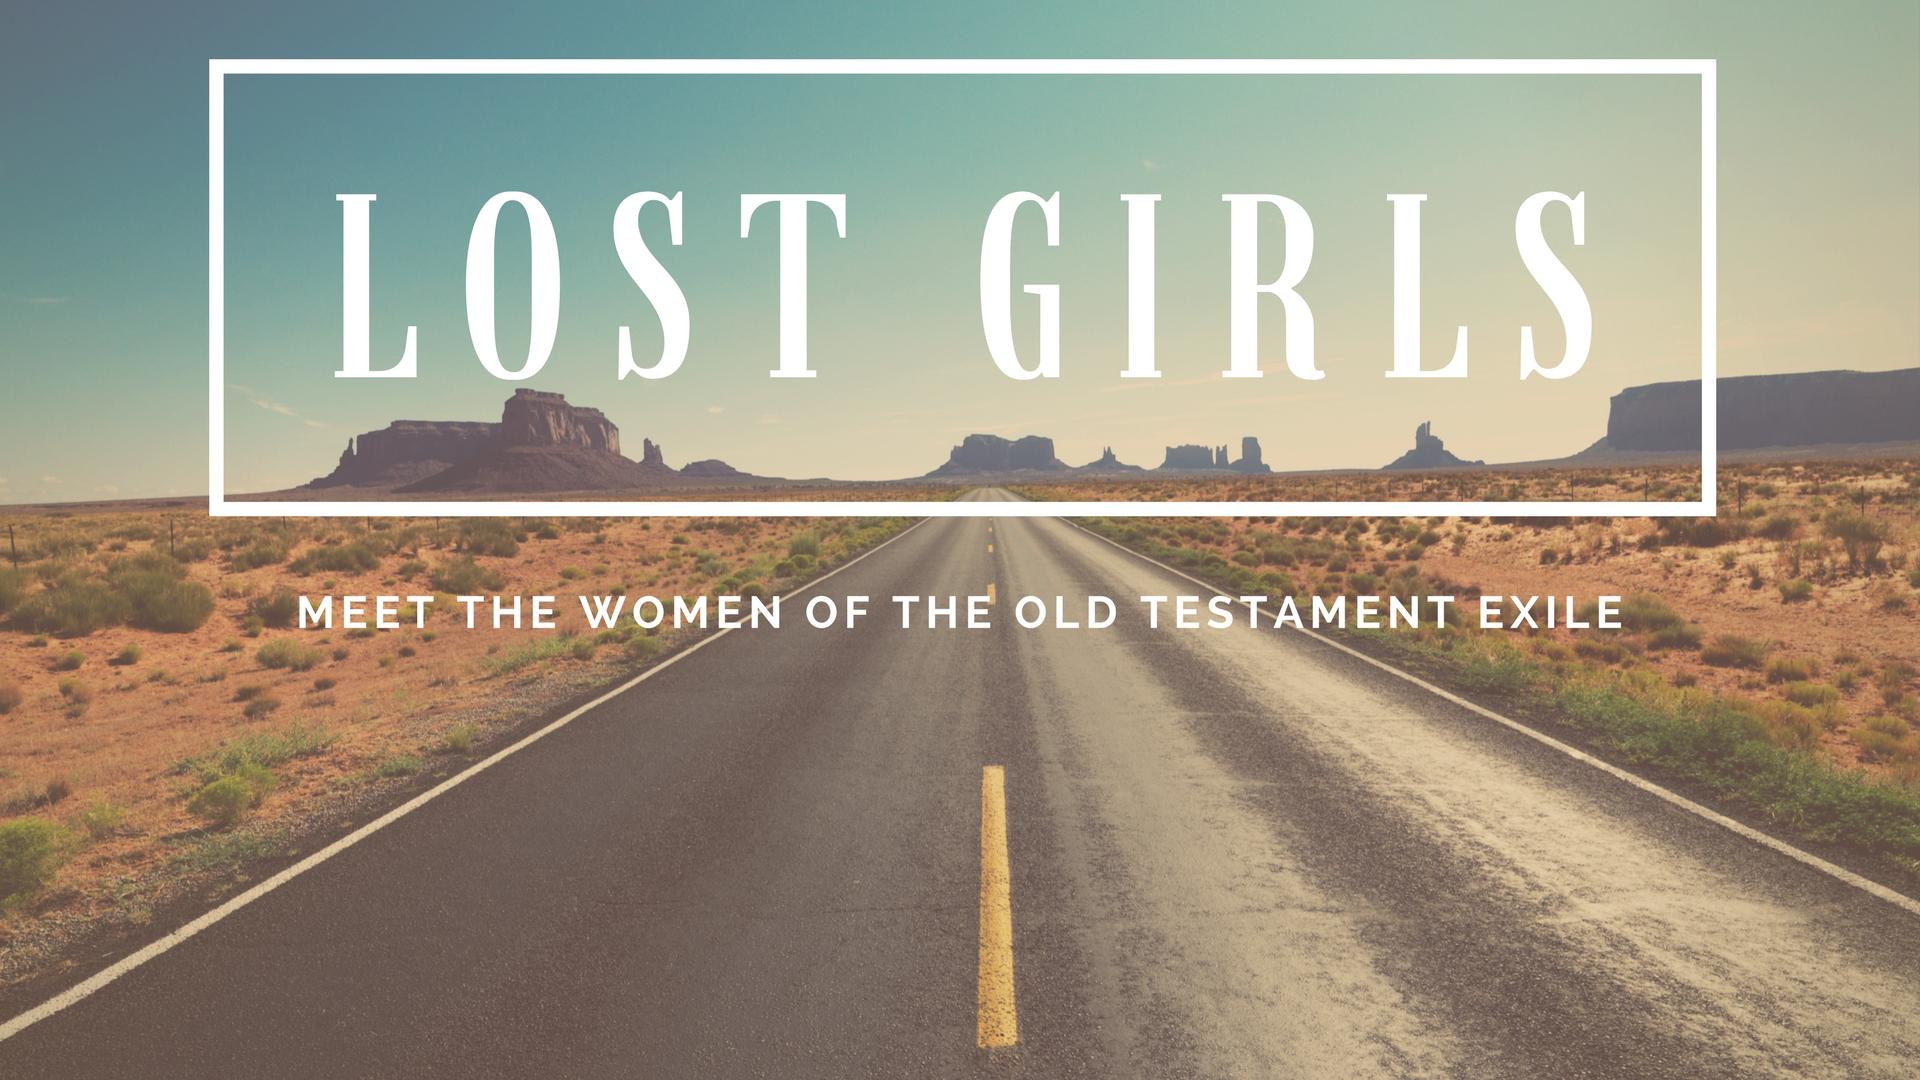 Lost girls logo